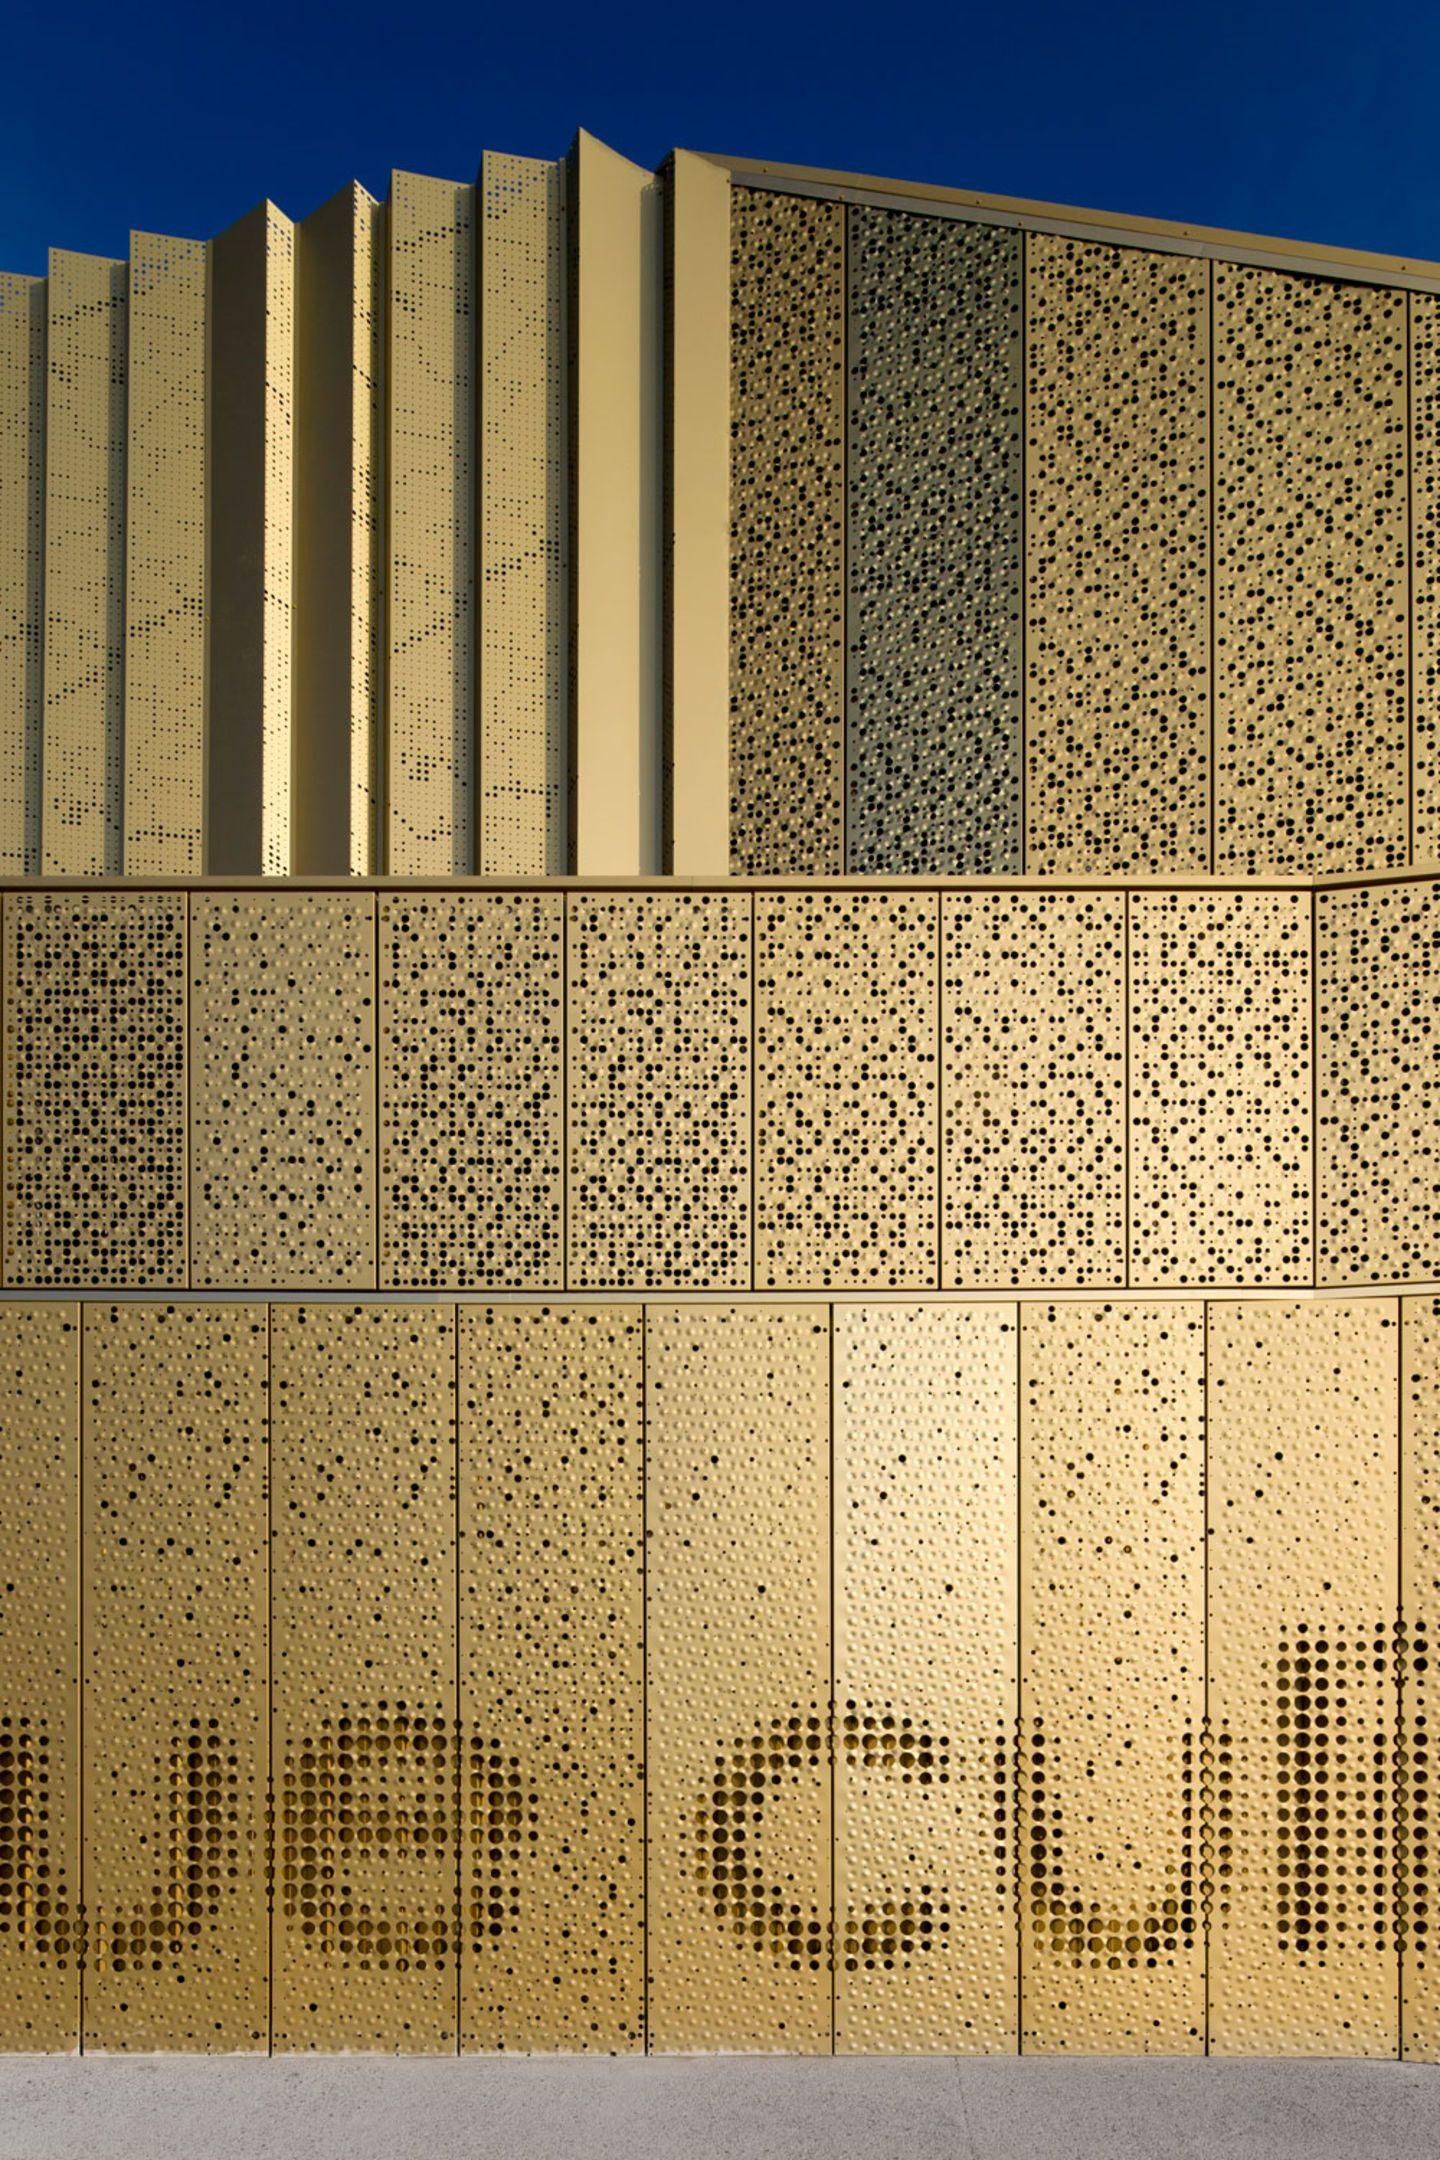 VAUMM arquitectura y urbanismo, Fernando Guerra / FG+SG · Basque Culinary Center · Divisare